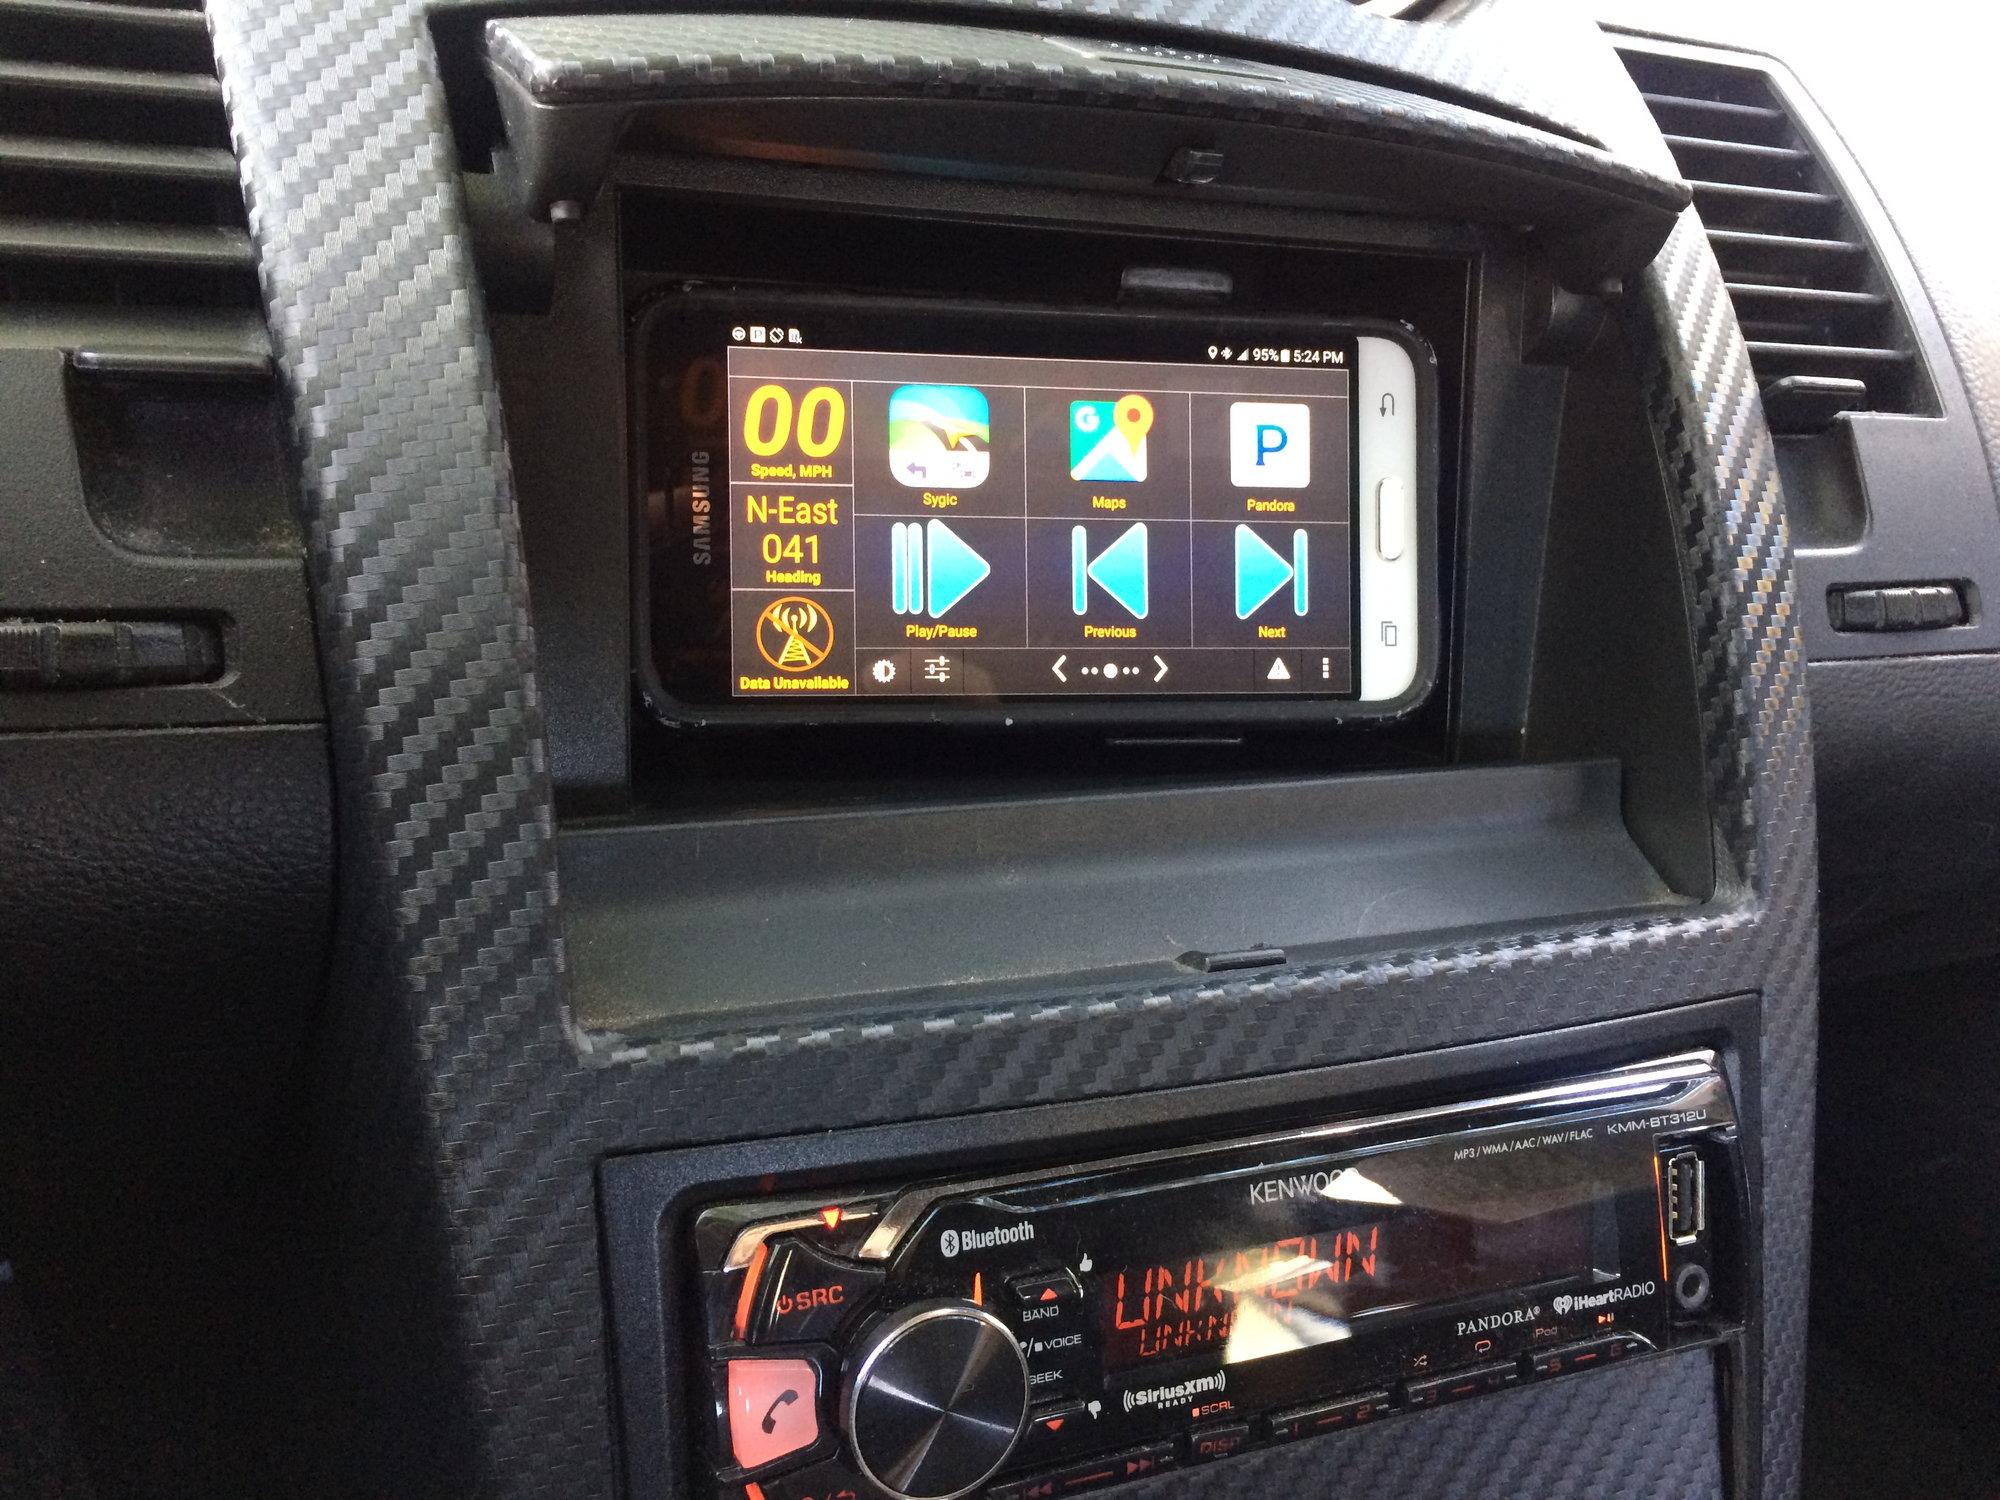 Radio replacement - MY350Z COM - Nissan 350Z and 370Z Forum